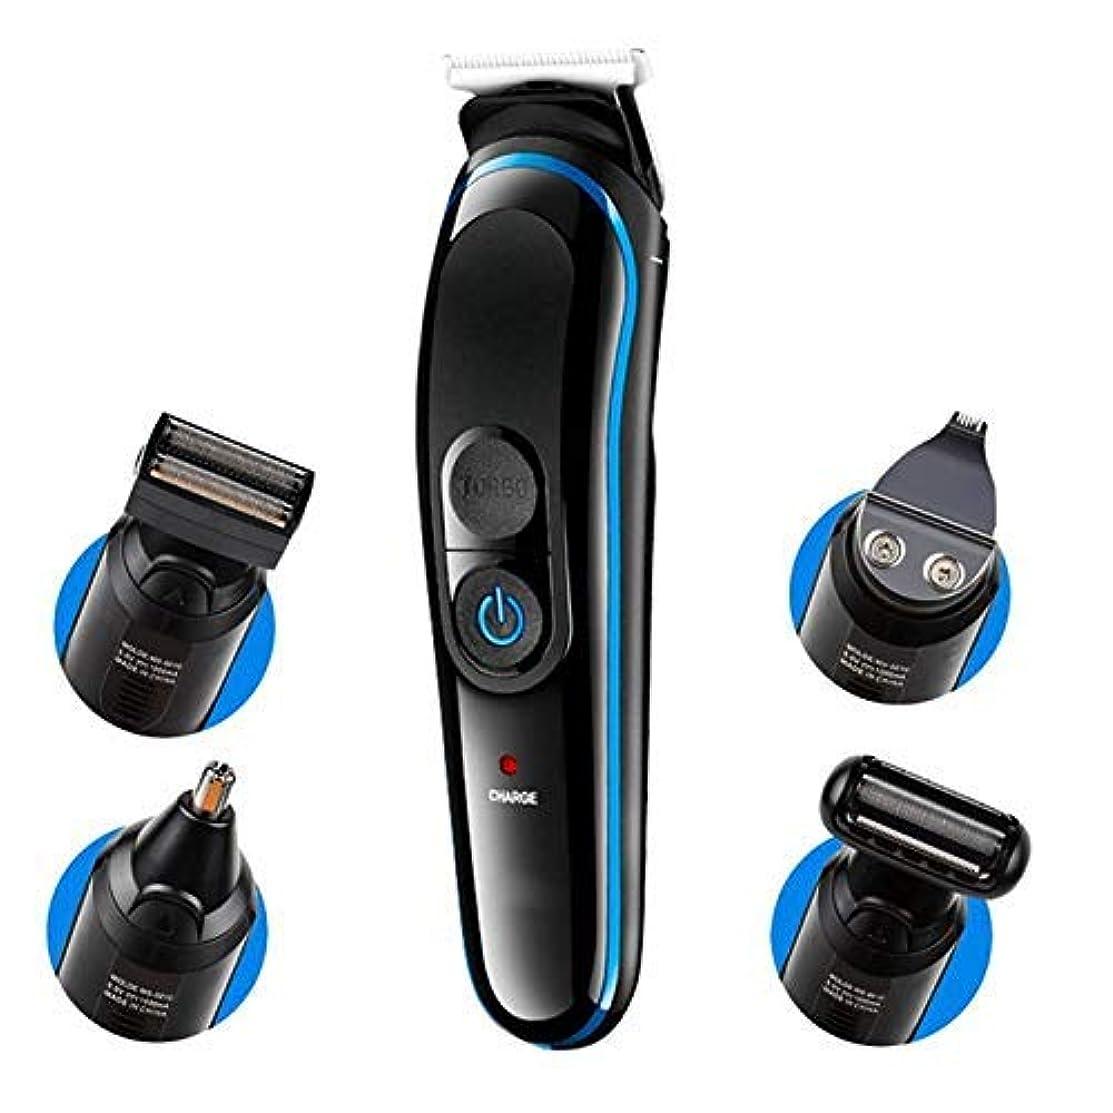 電気シェーバーセット、充電式シェーバー、男性用トリマー、1鼻毛トリマーフェイスシェーバー&USBトラベルフェイシャルカミソリに付き11 - お父さん、ボーイフレンドのための最高の贈り物, black